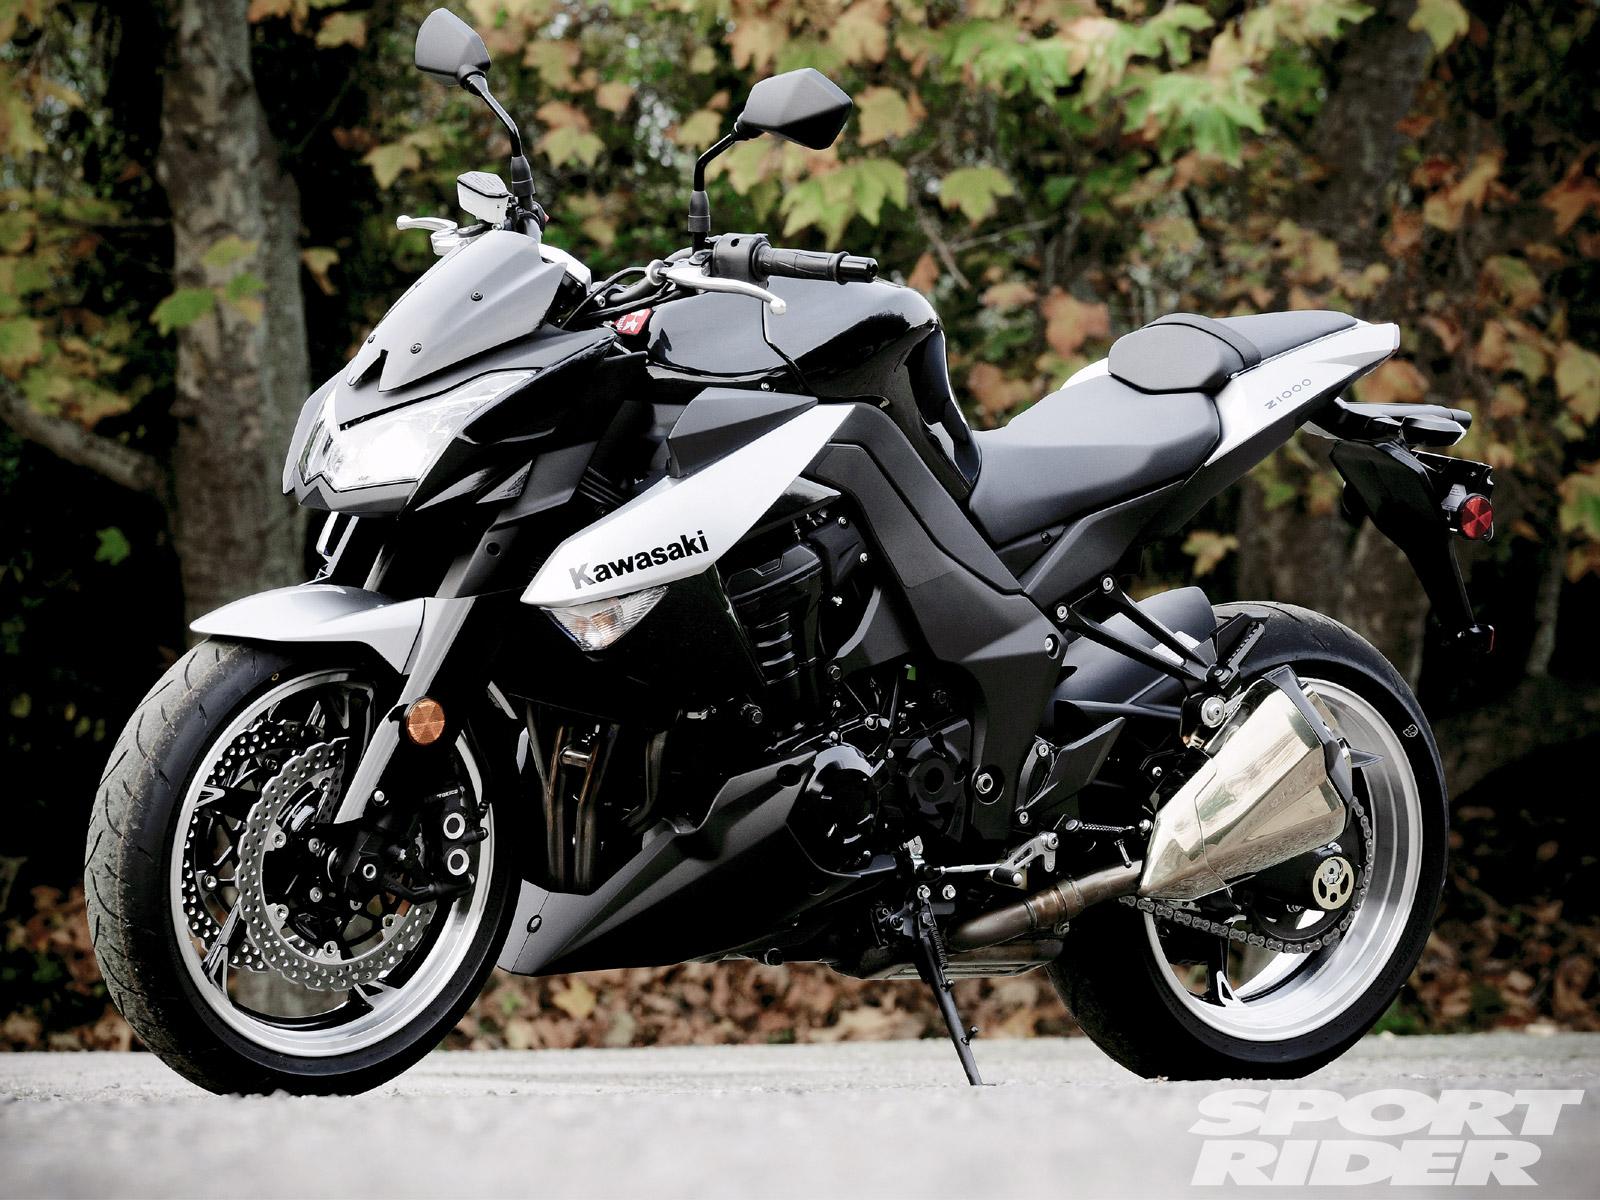 Fotos de Motos: Fotos da Moto Z1000